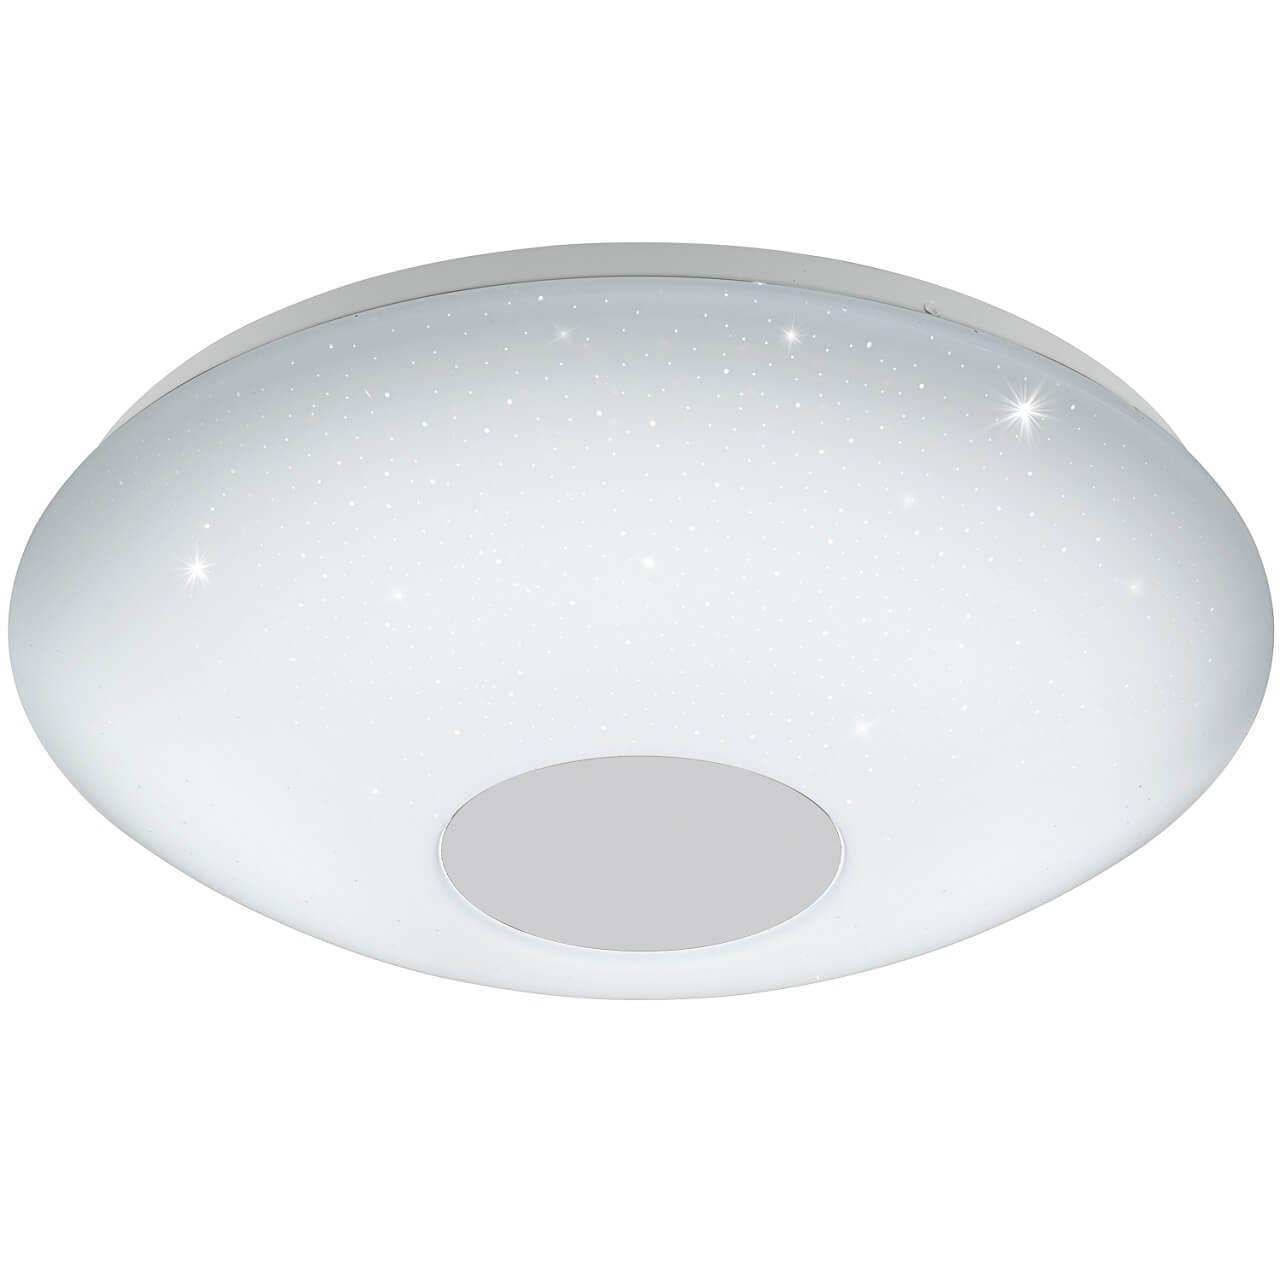 Светильник Eglo 95971 Voltago